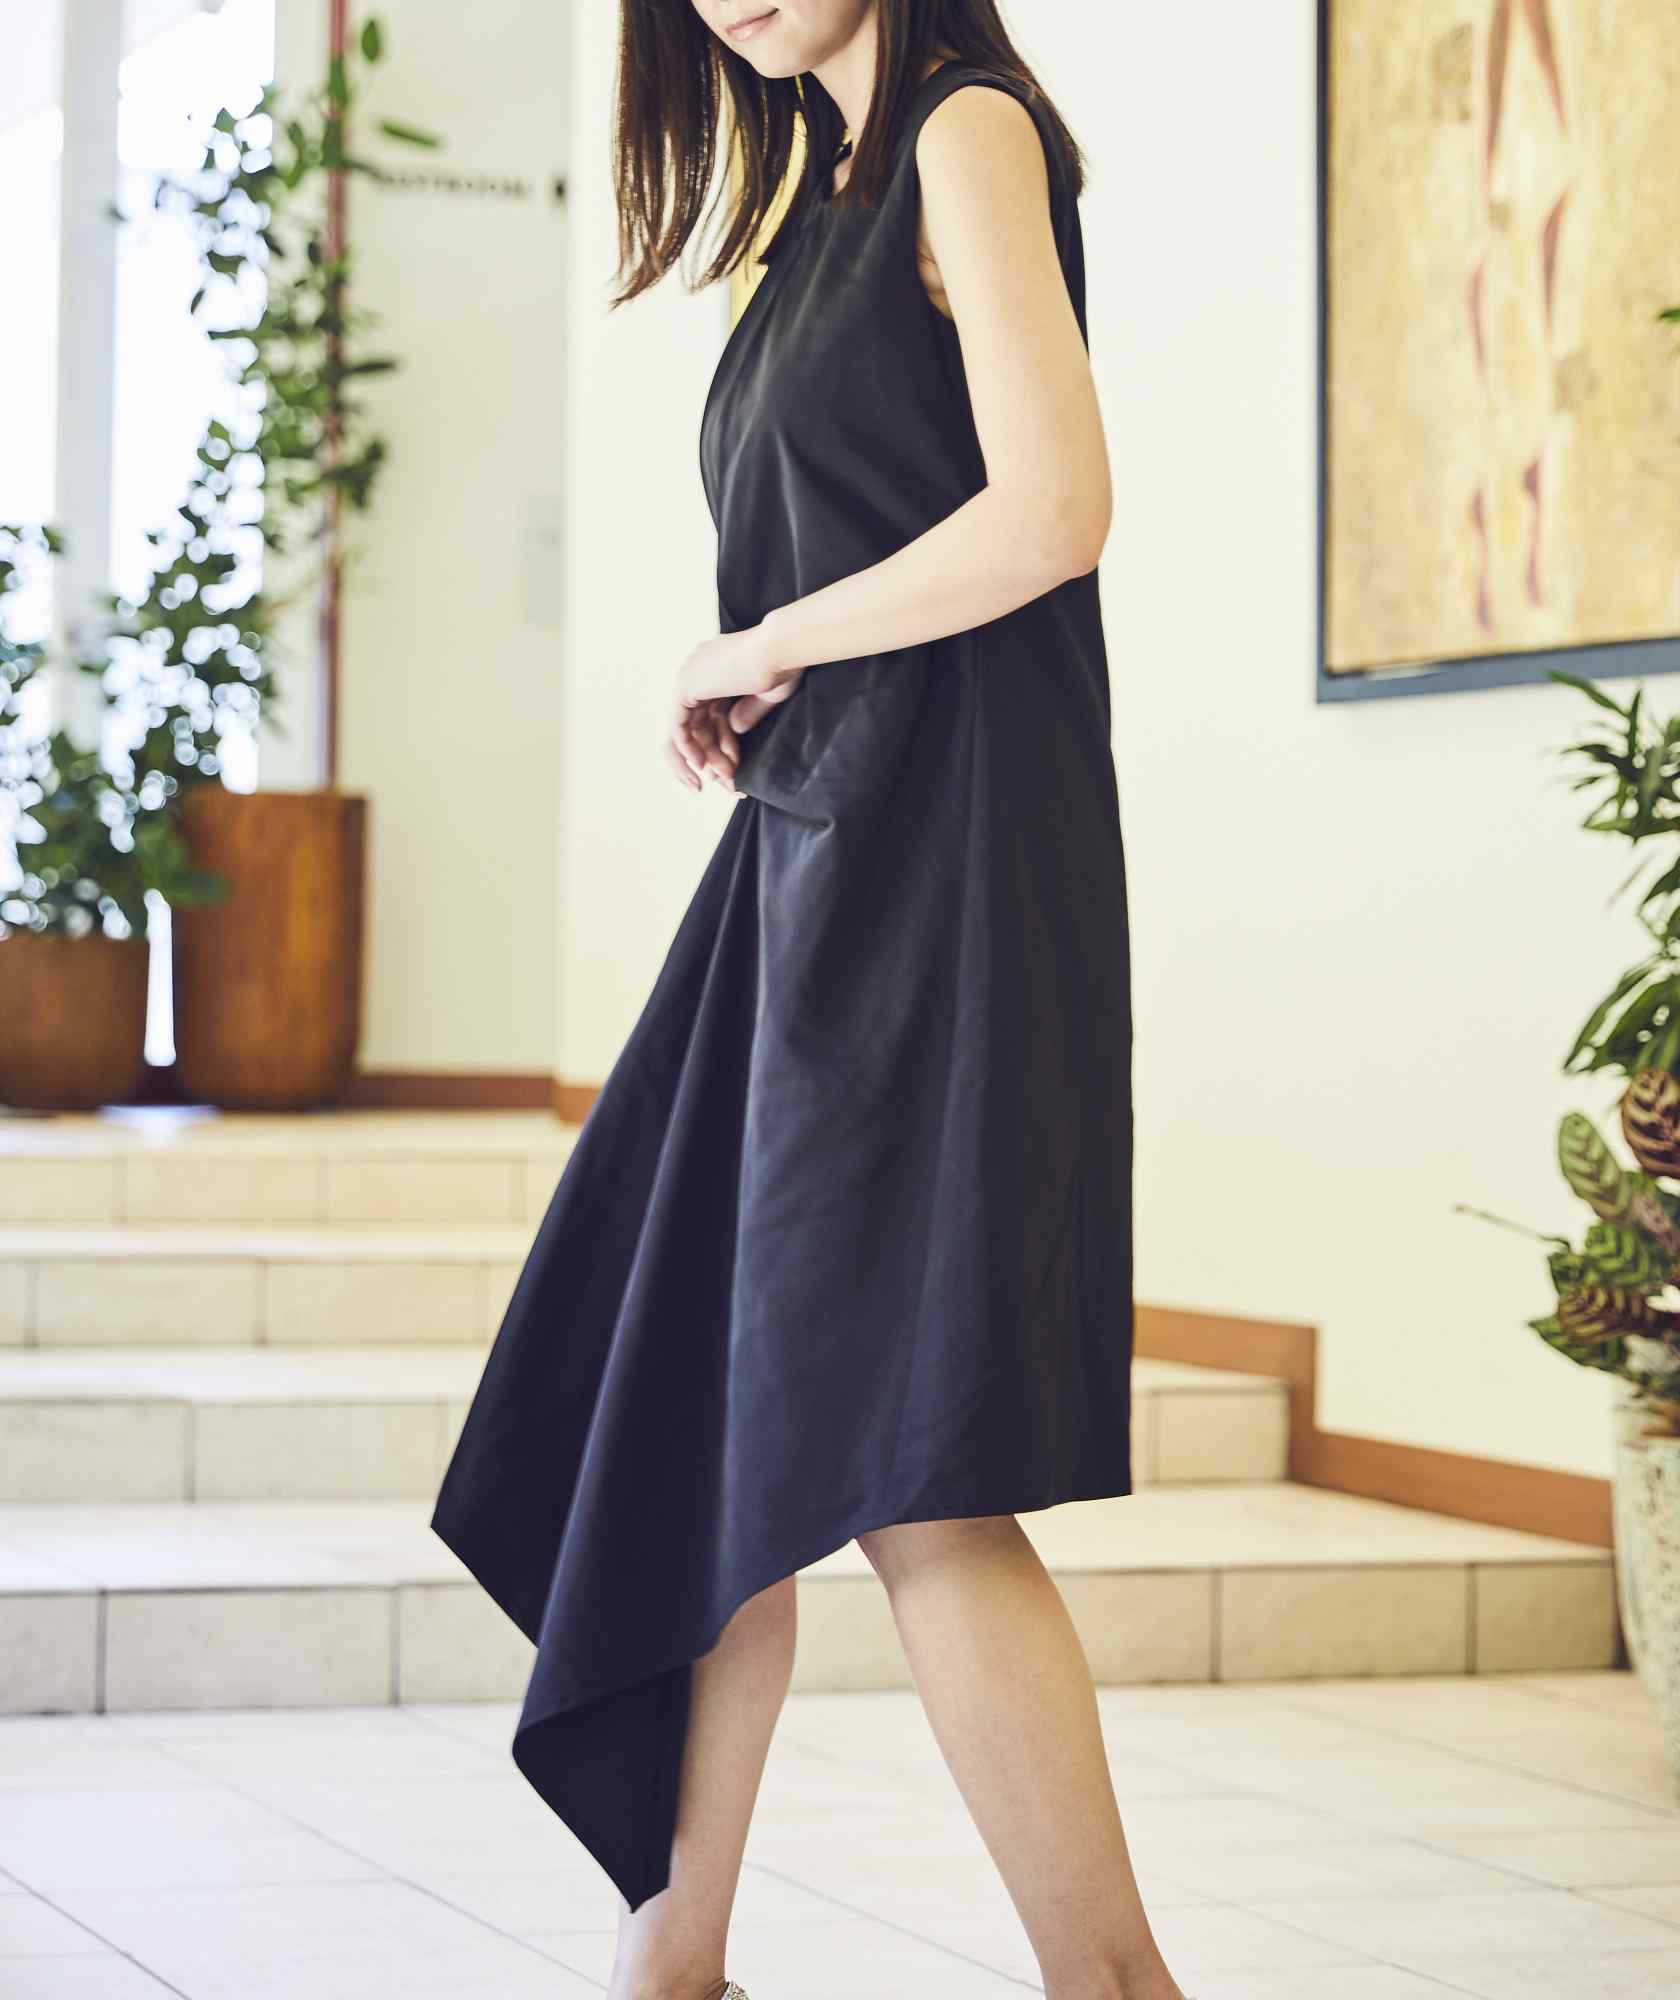 クルーネックデザイントップOGAラインミディアムドレス-ブラック-M